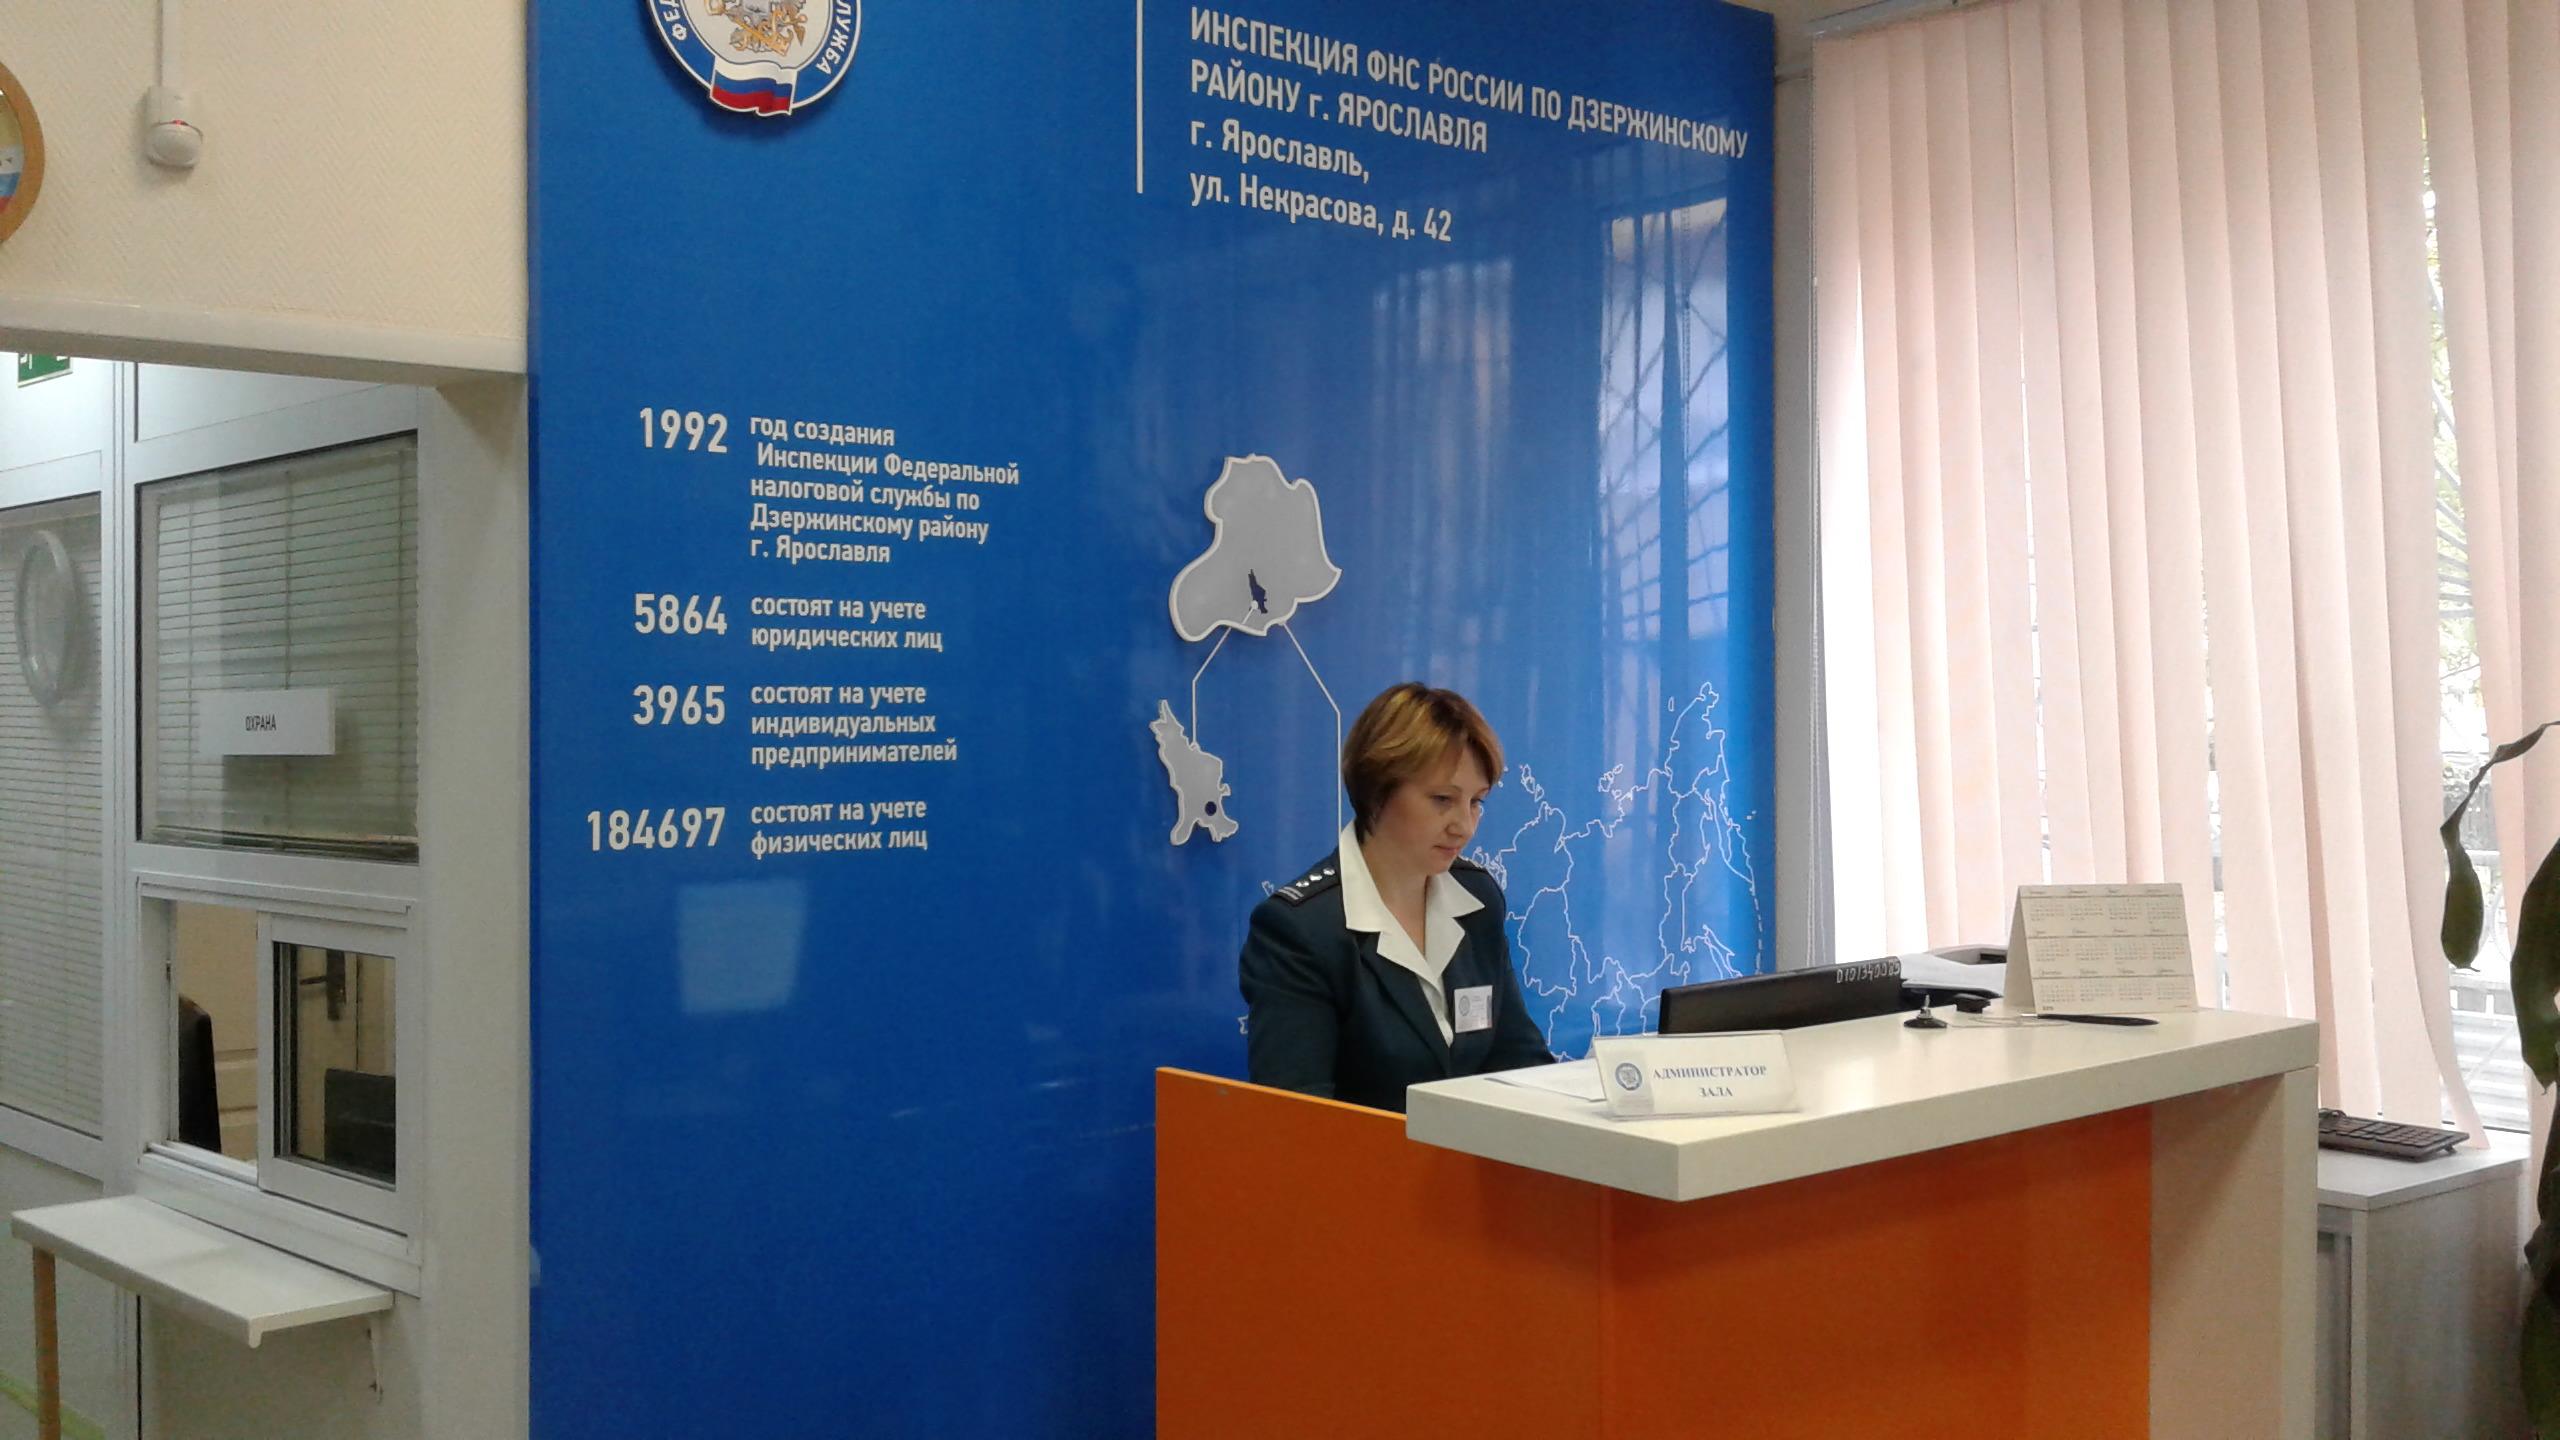 Ярославль регистрация ооо налоговая регистрация ип в личном кабинете налоговой